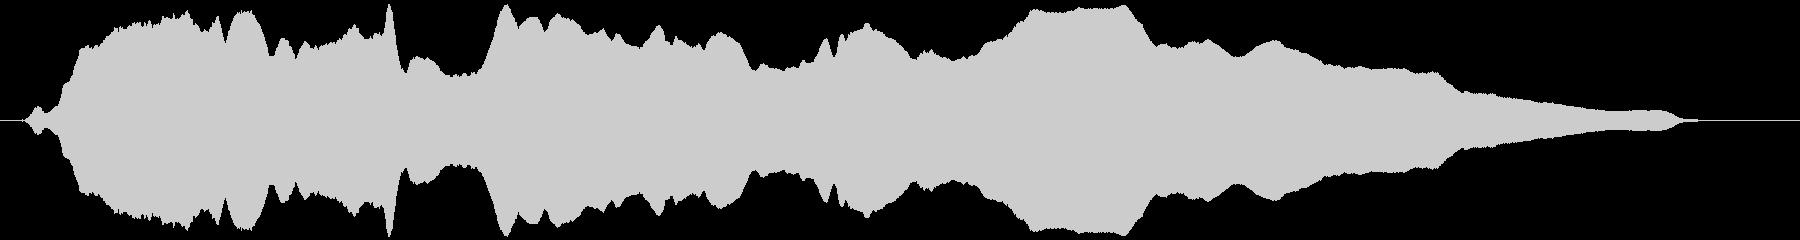 うねる風 オノマトペ(遅下降)ヒヨヒヨ…の未再生の波形